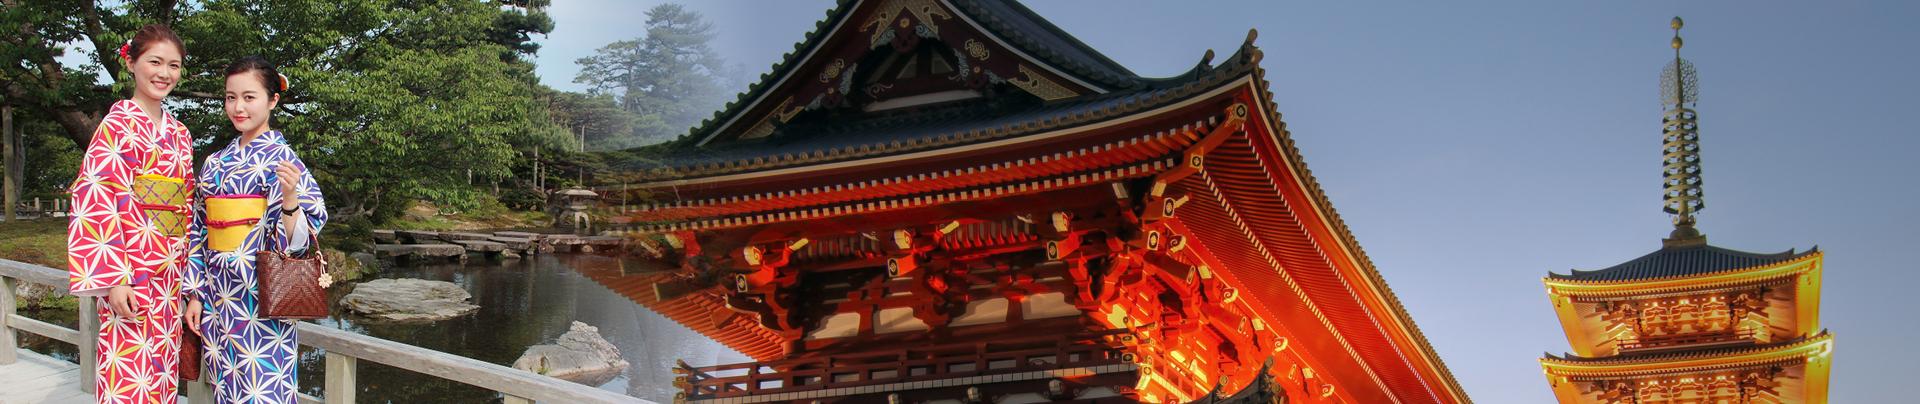 טיול מאורגן ליפן - מסלול מרתק אל ארץ השמש העולה ופריחת עצי הדובדבן